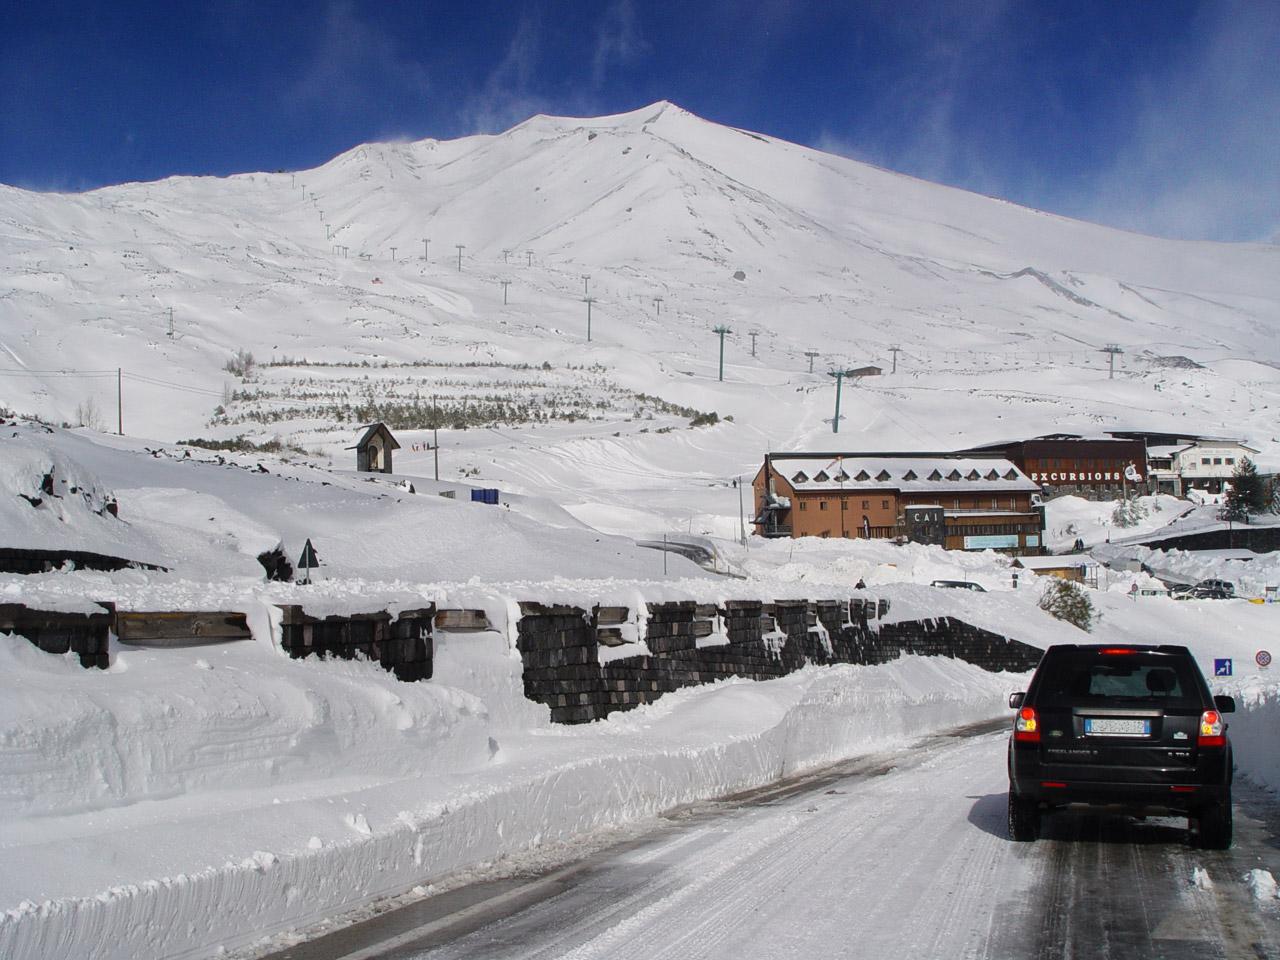 Turisti bloccati dalla neve sull'Etna a -11°$